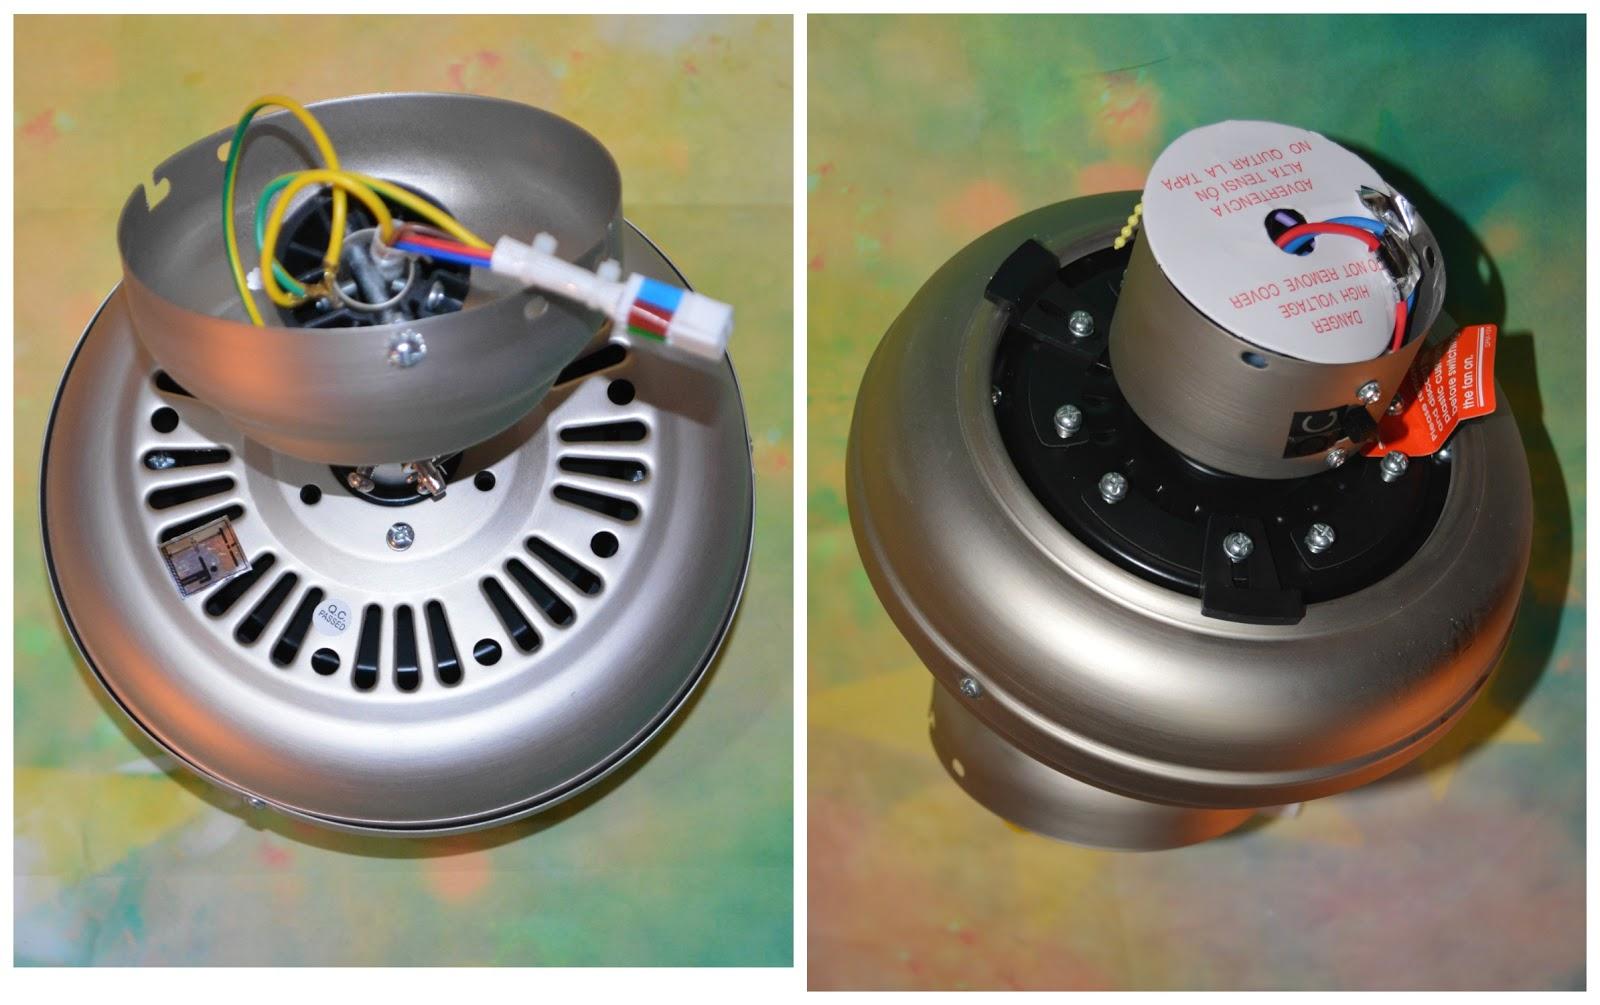 Ventilatore Soffitto Cameretta: Introvabili - kreastore. La ...